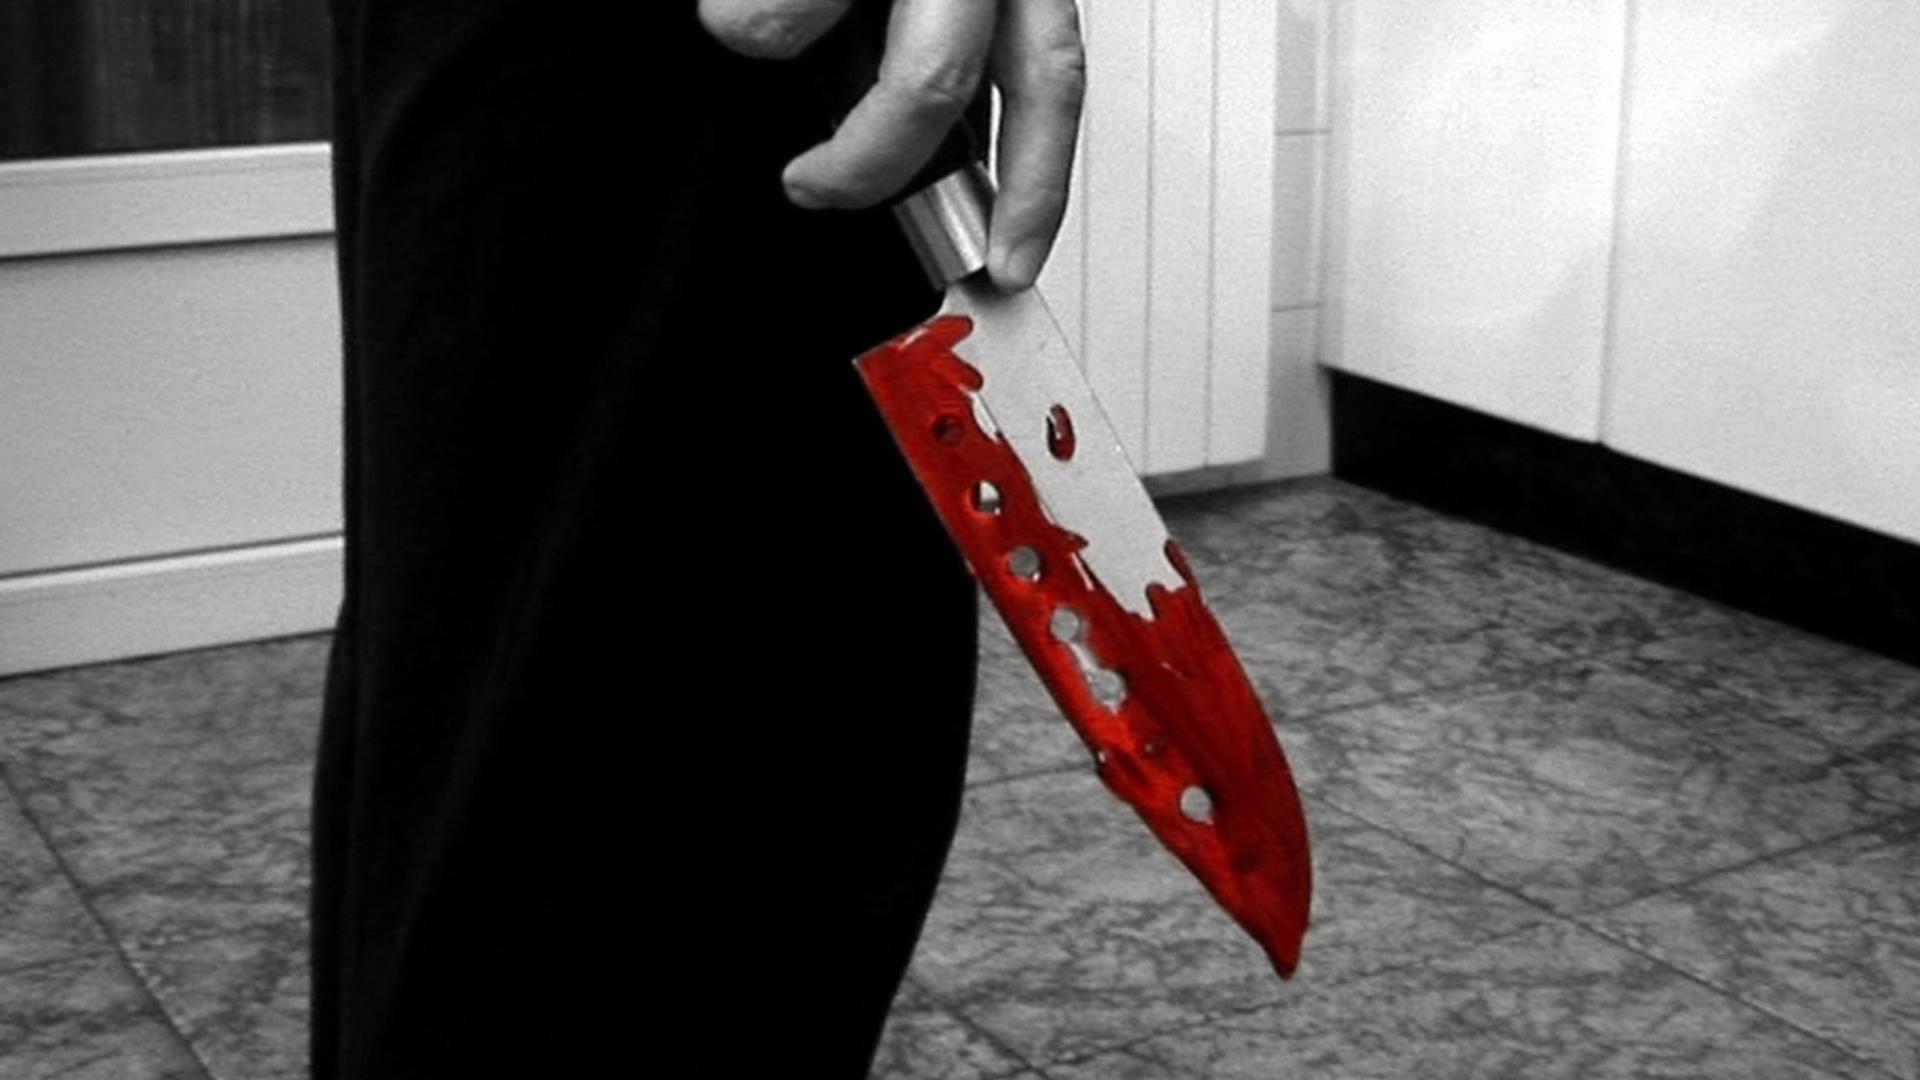 corte_cuchillo_FX0115